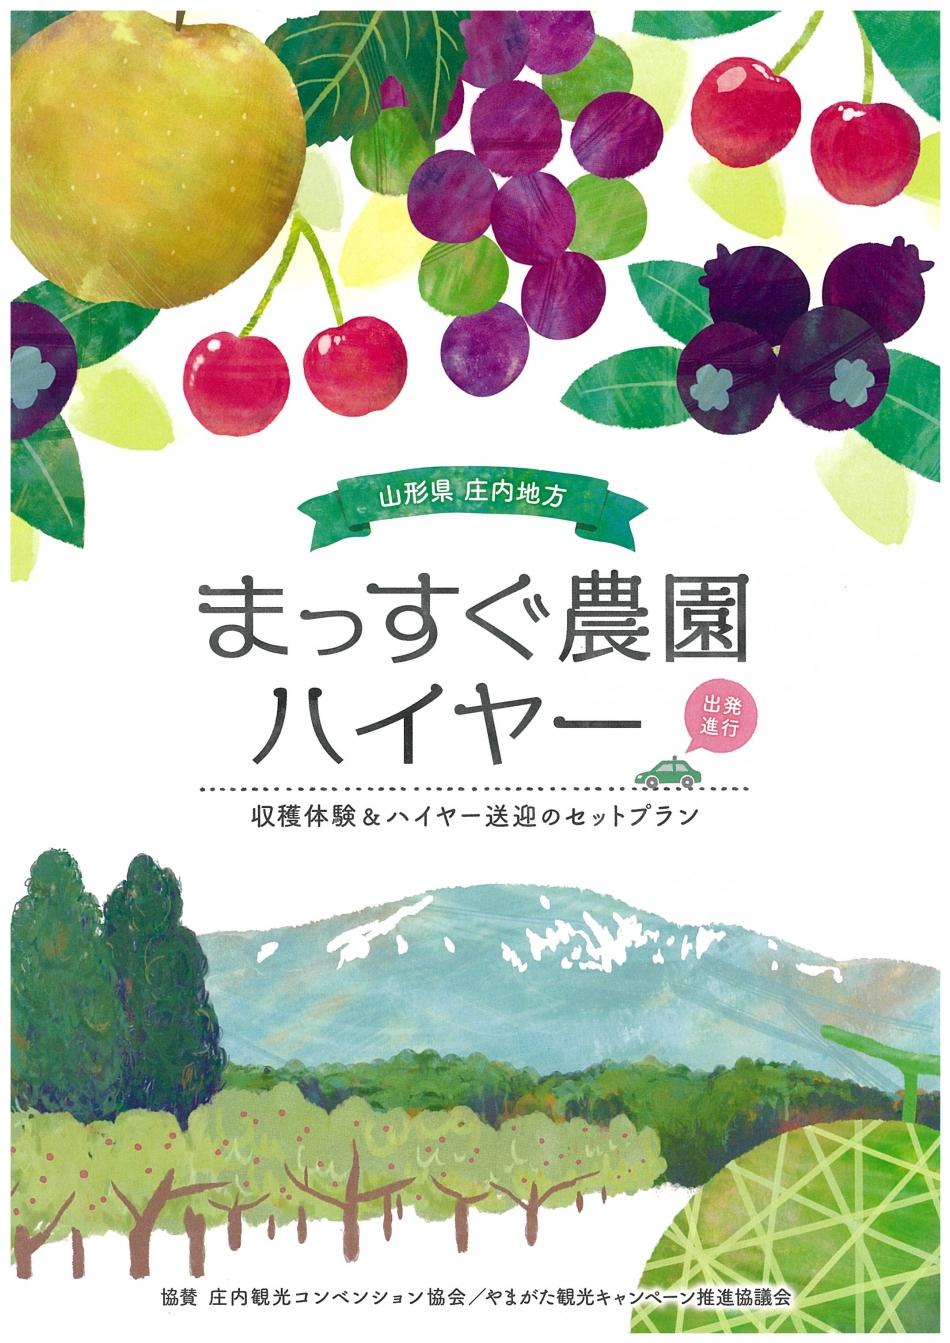 まっすぐフルーツ収穫体験!まっすぐ農園ハイヤー【6月8日(土)~10月14日(月)】